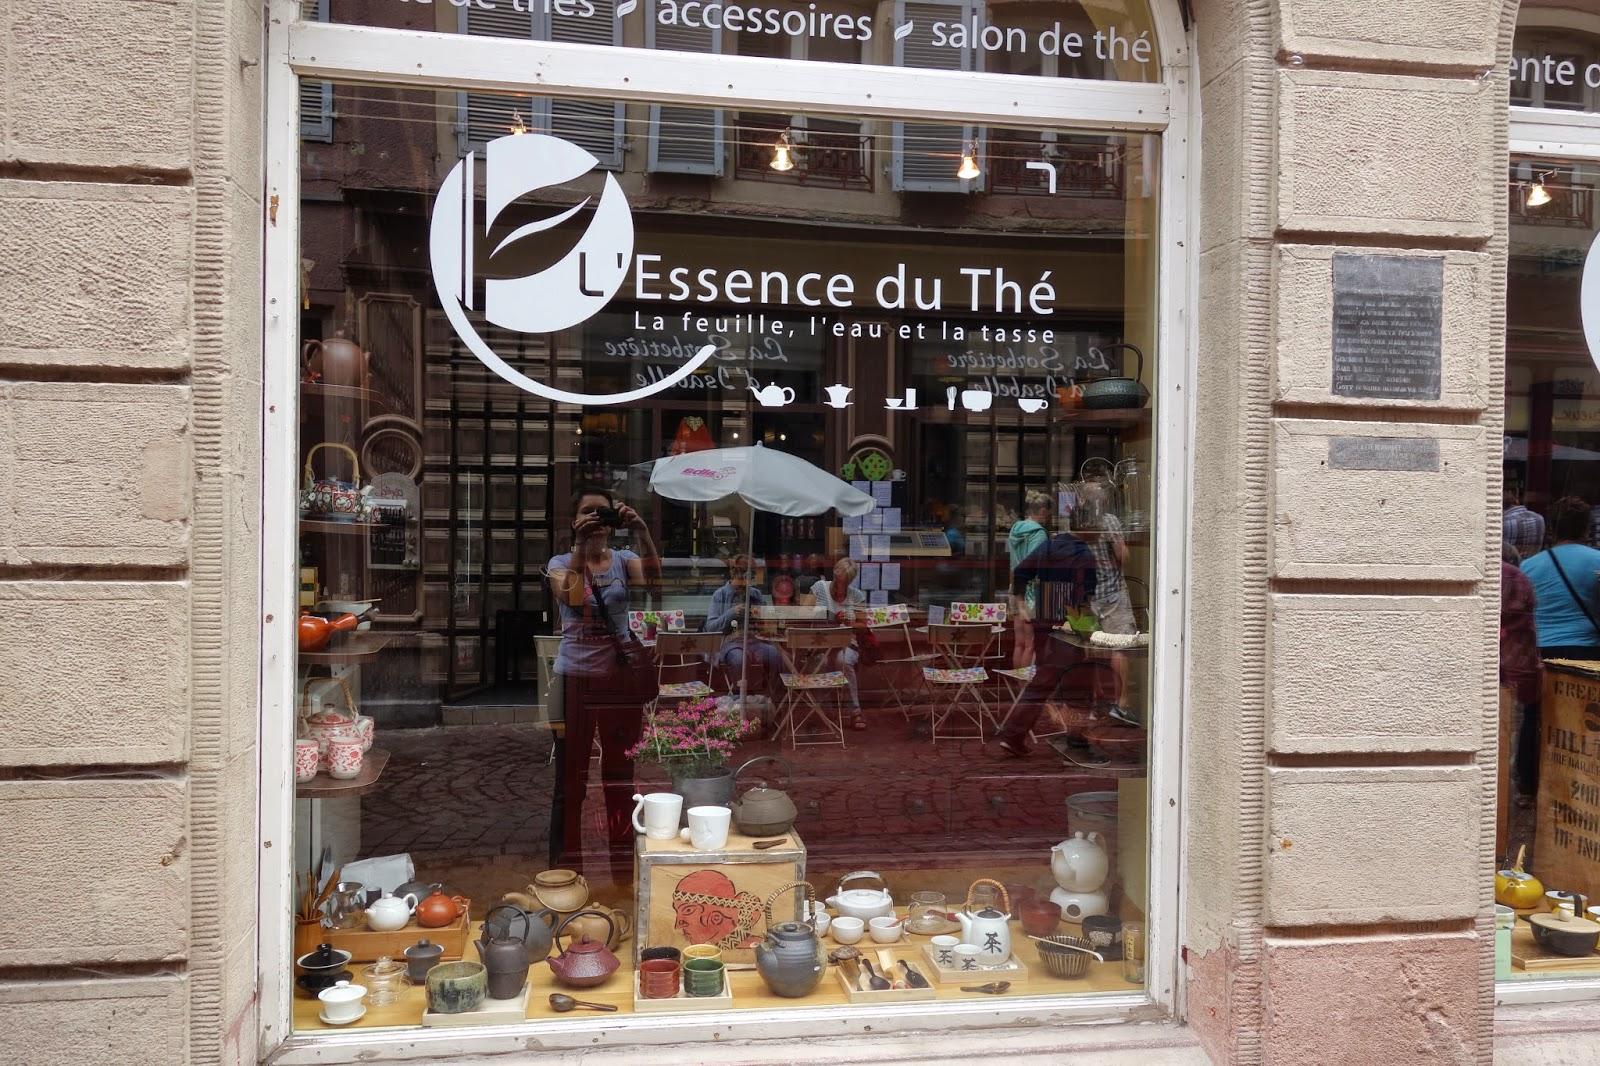 Кольмар - улица Торговцев - чайный магазин